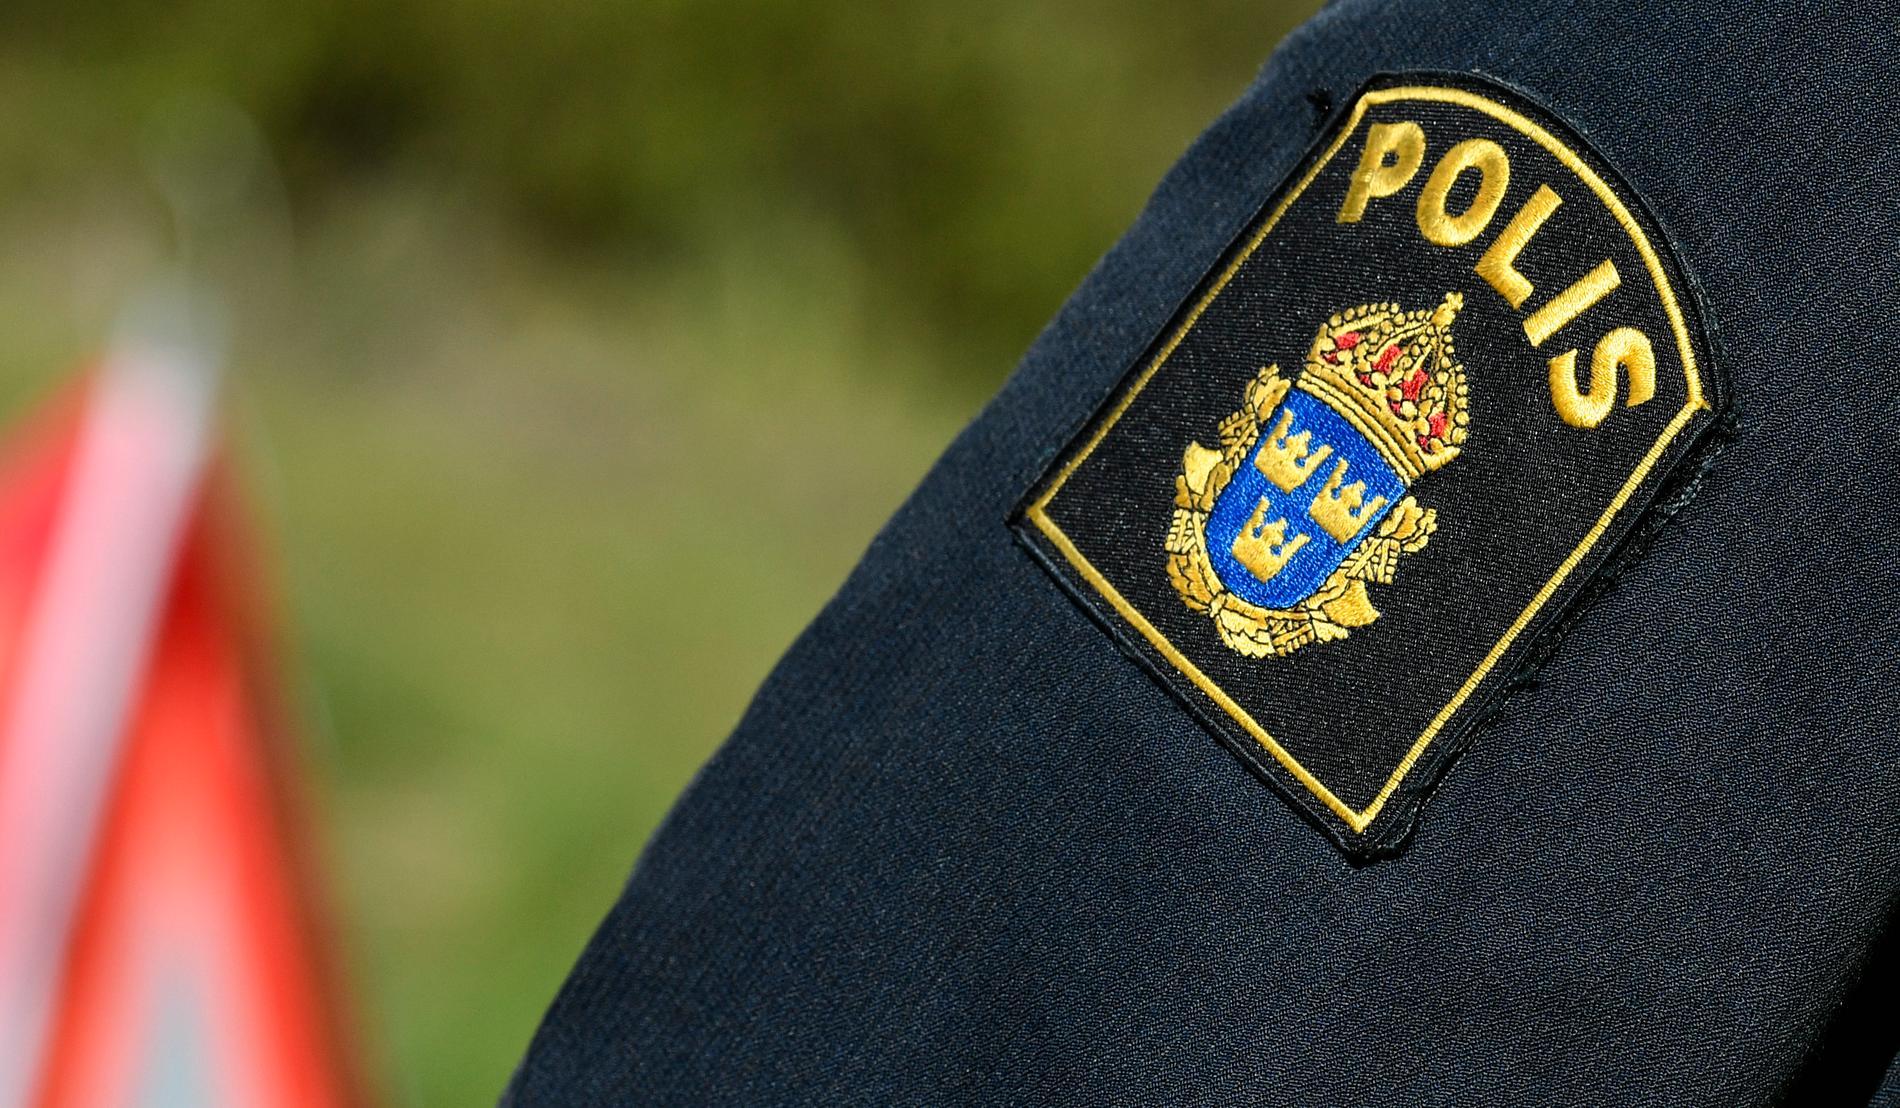 Polisen i Perstorp oroar sig för att folk ska ta lagen i egna händer. Arkivbild.